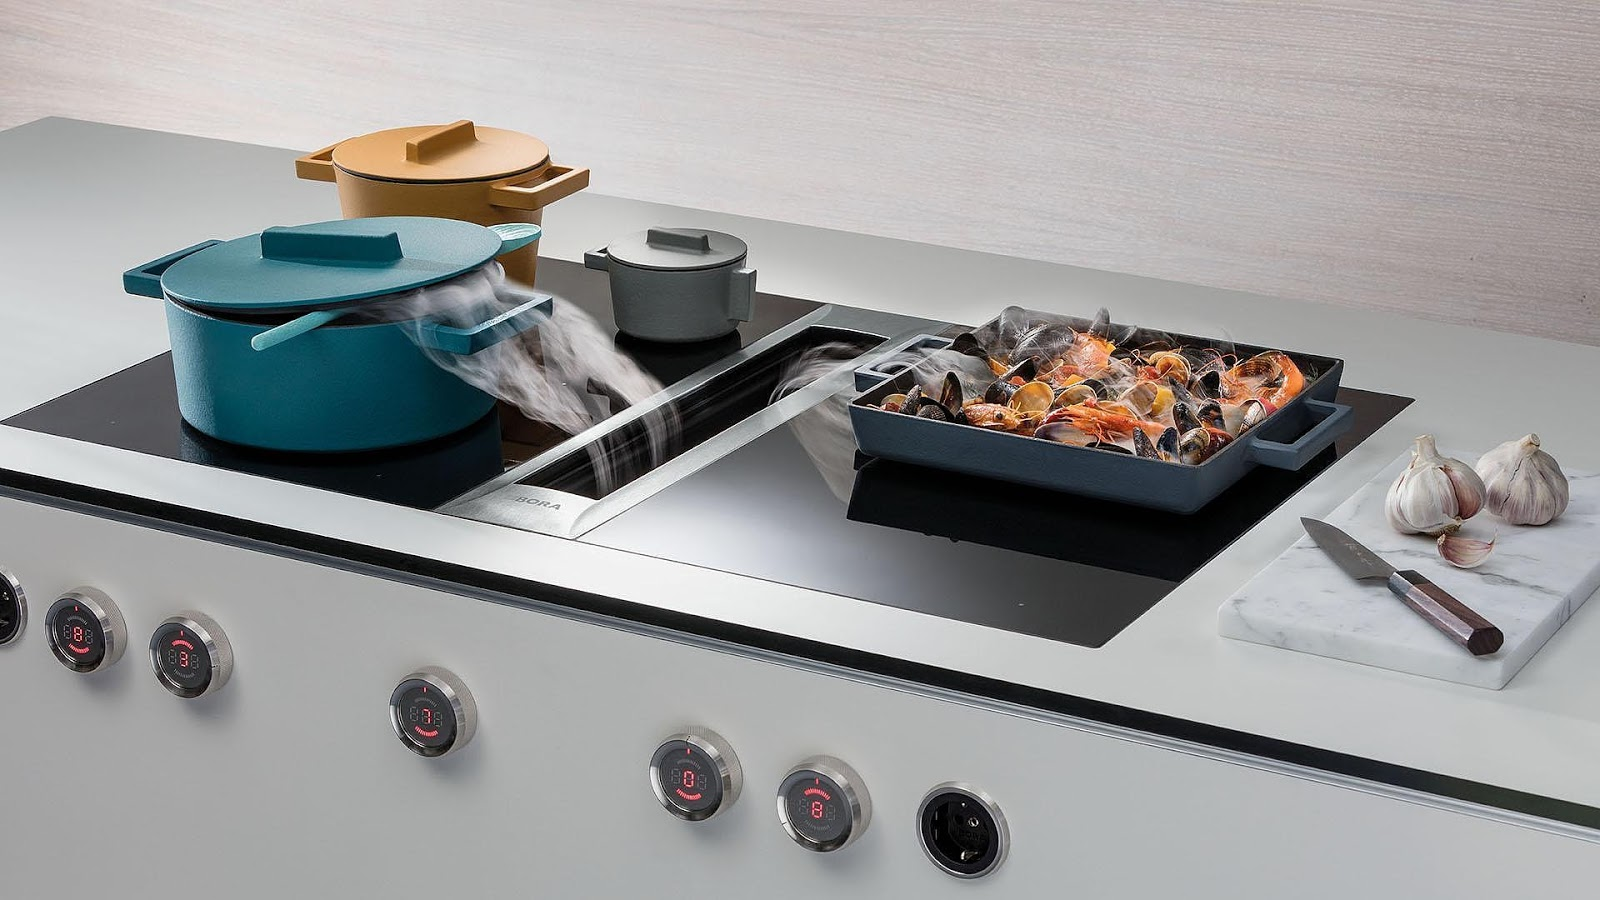 Bora Plaque De Cuisson bora, une cuisine sans hotte ! - costakies